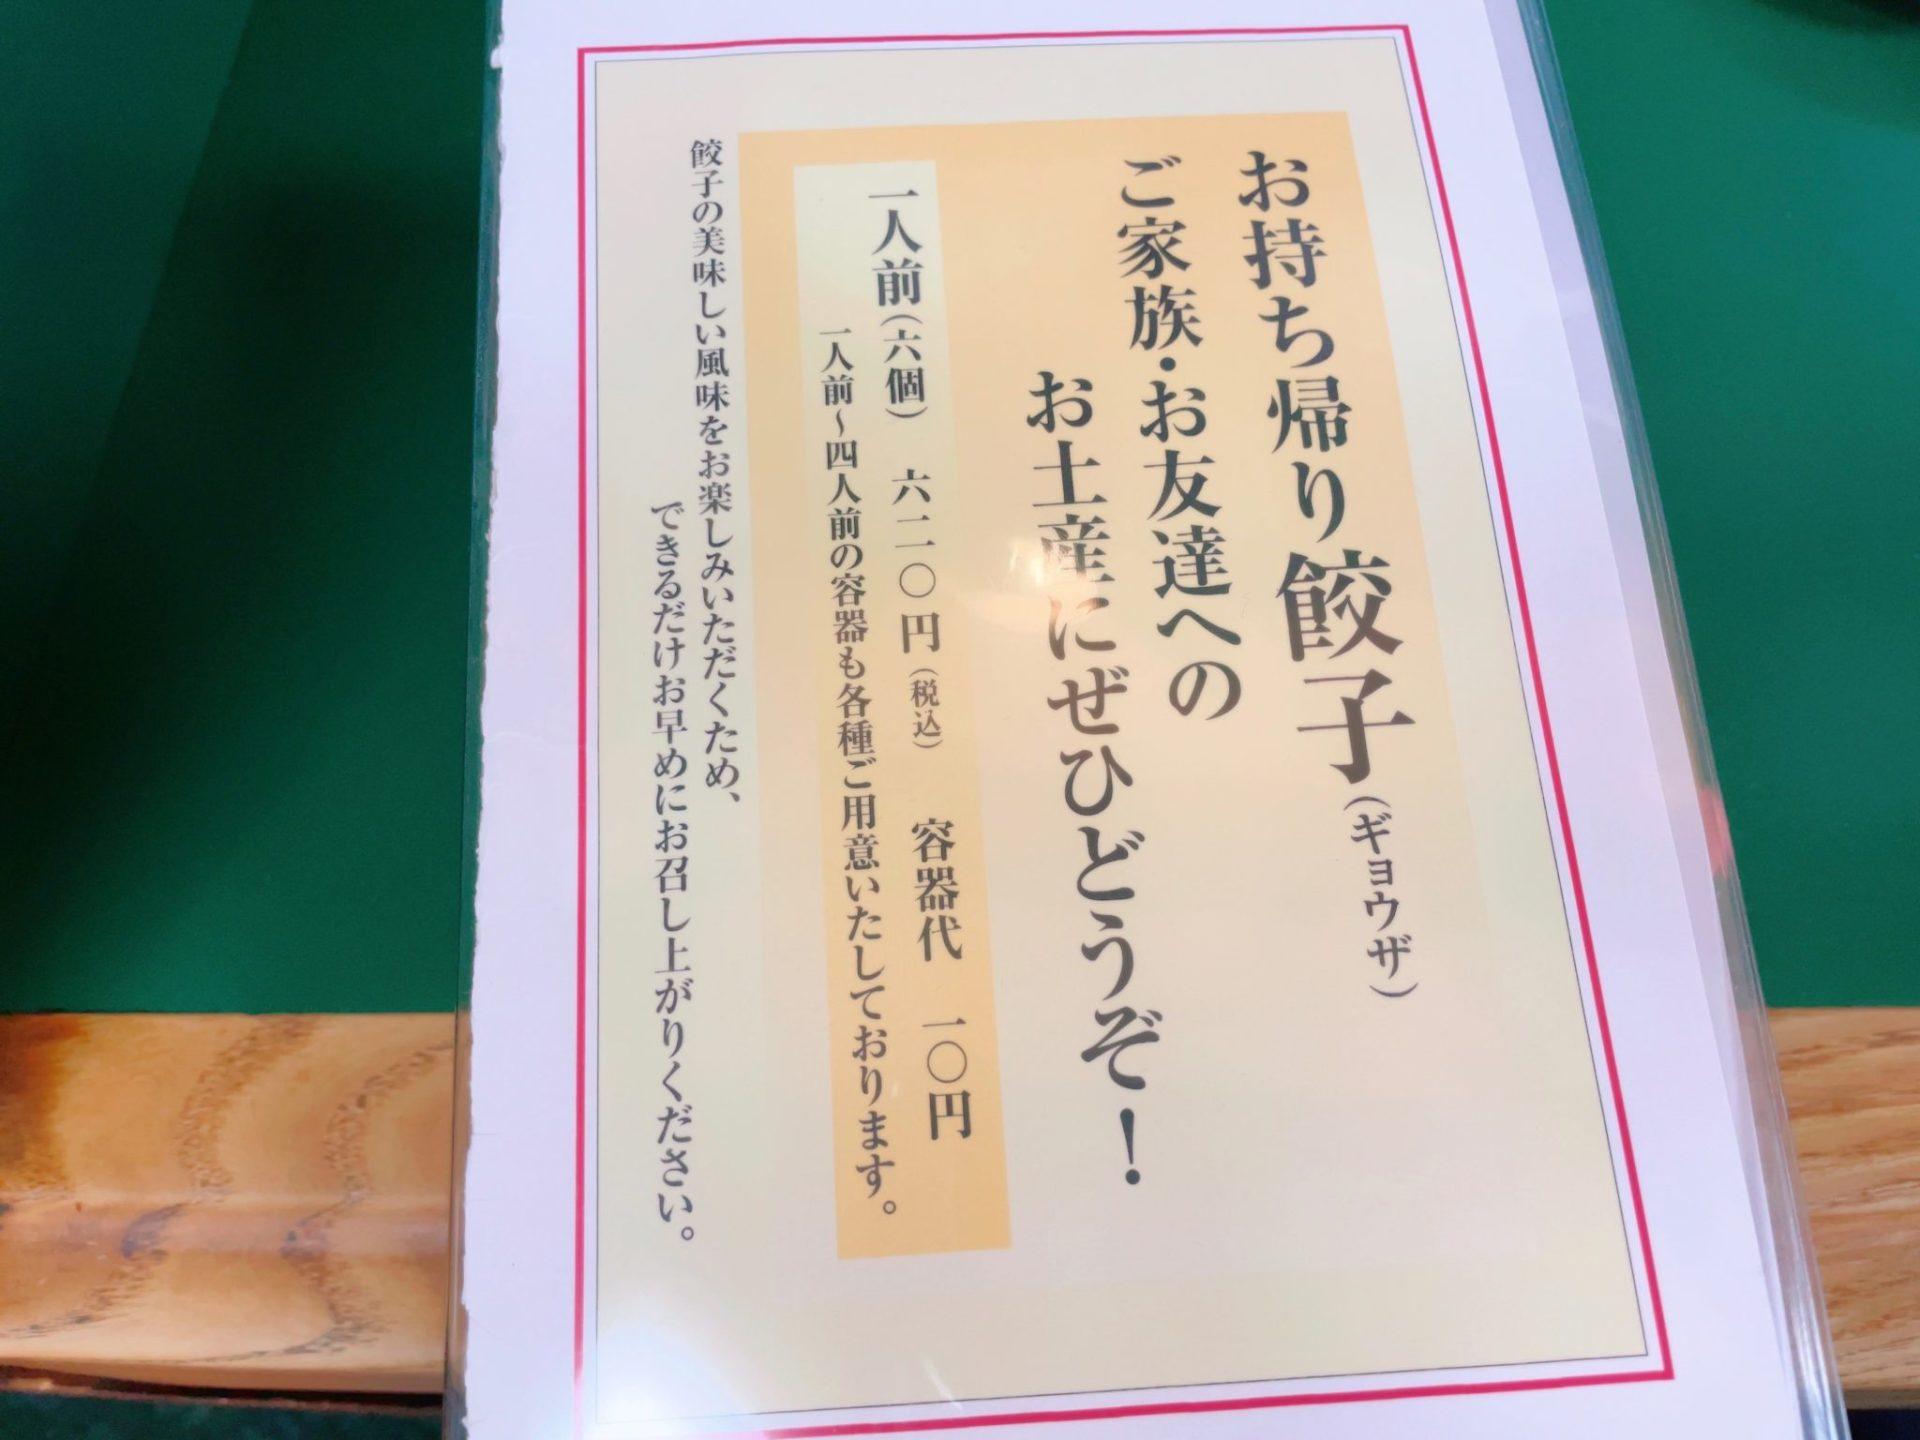 餃子の店おけ以(おけい)のテイクアウト